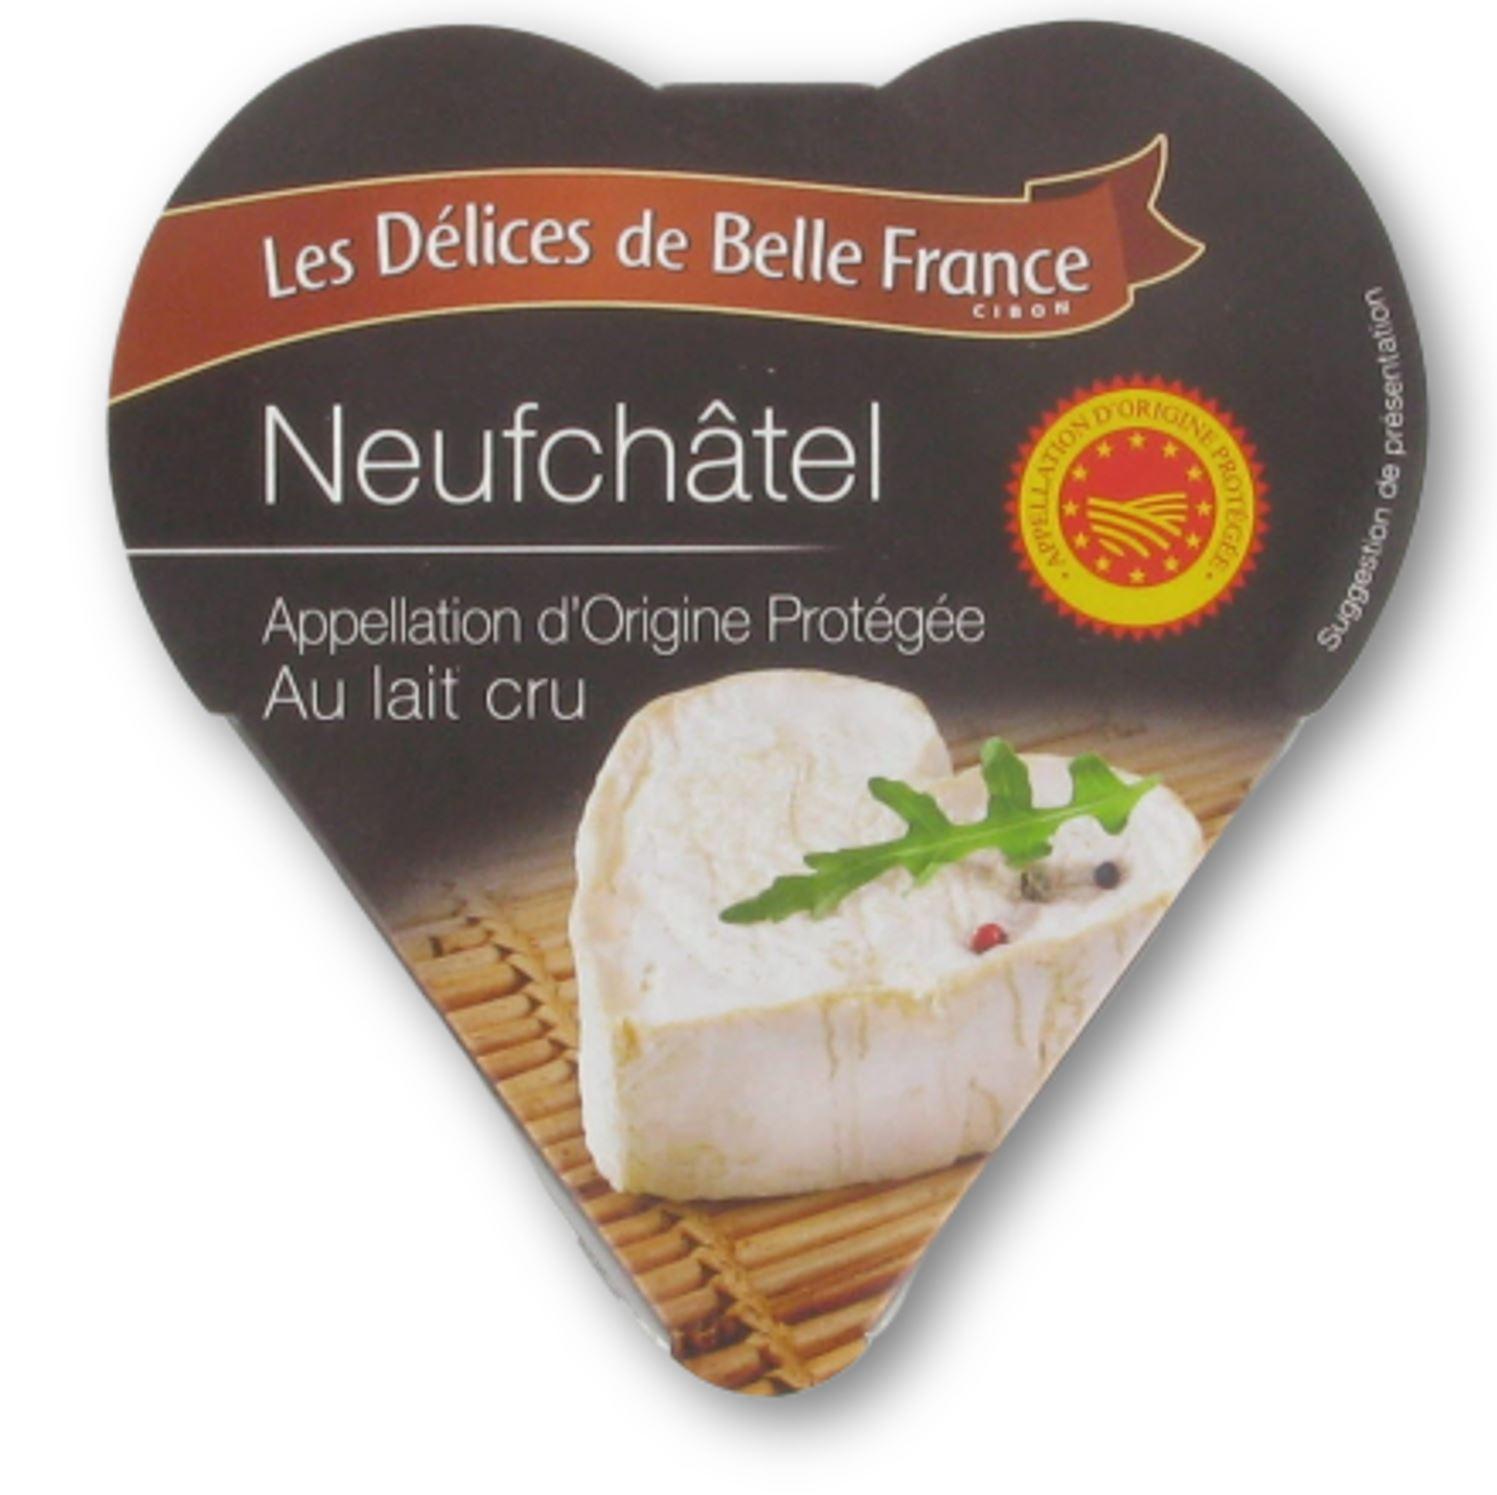 Coeur de Neufchatel au lait cru AOP,  Délices de Belle France (200 g)